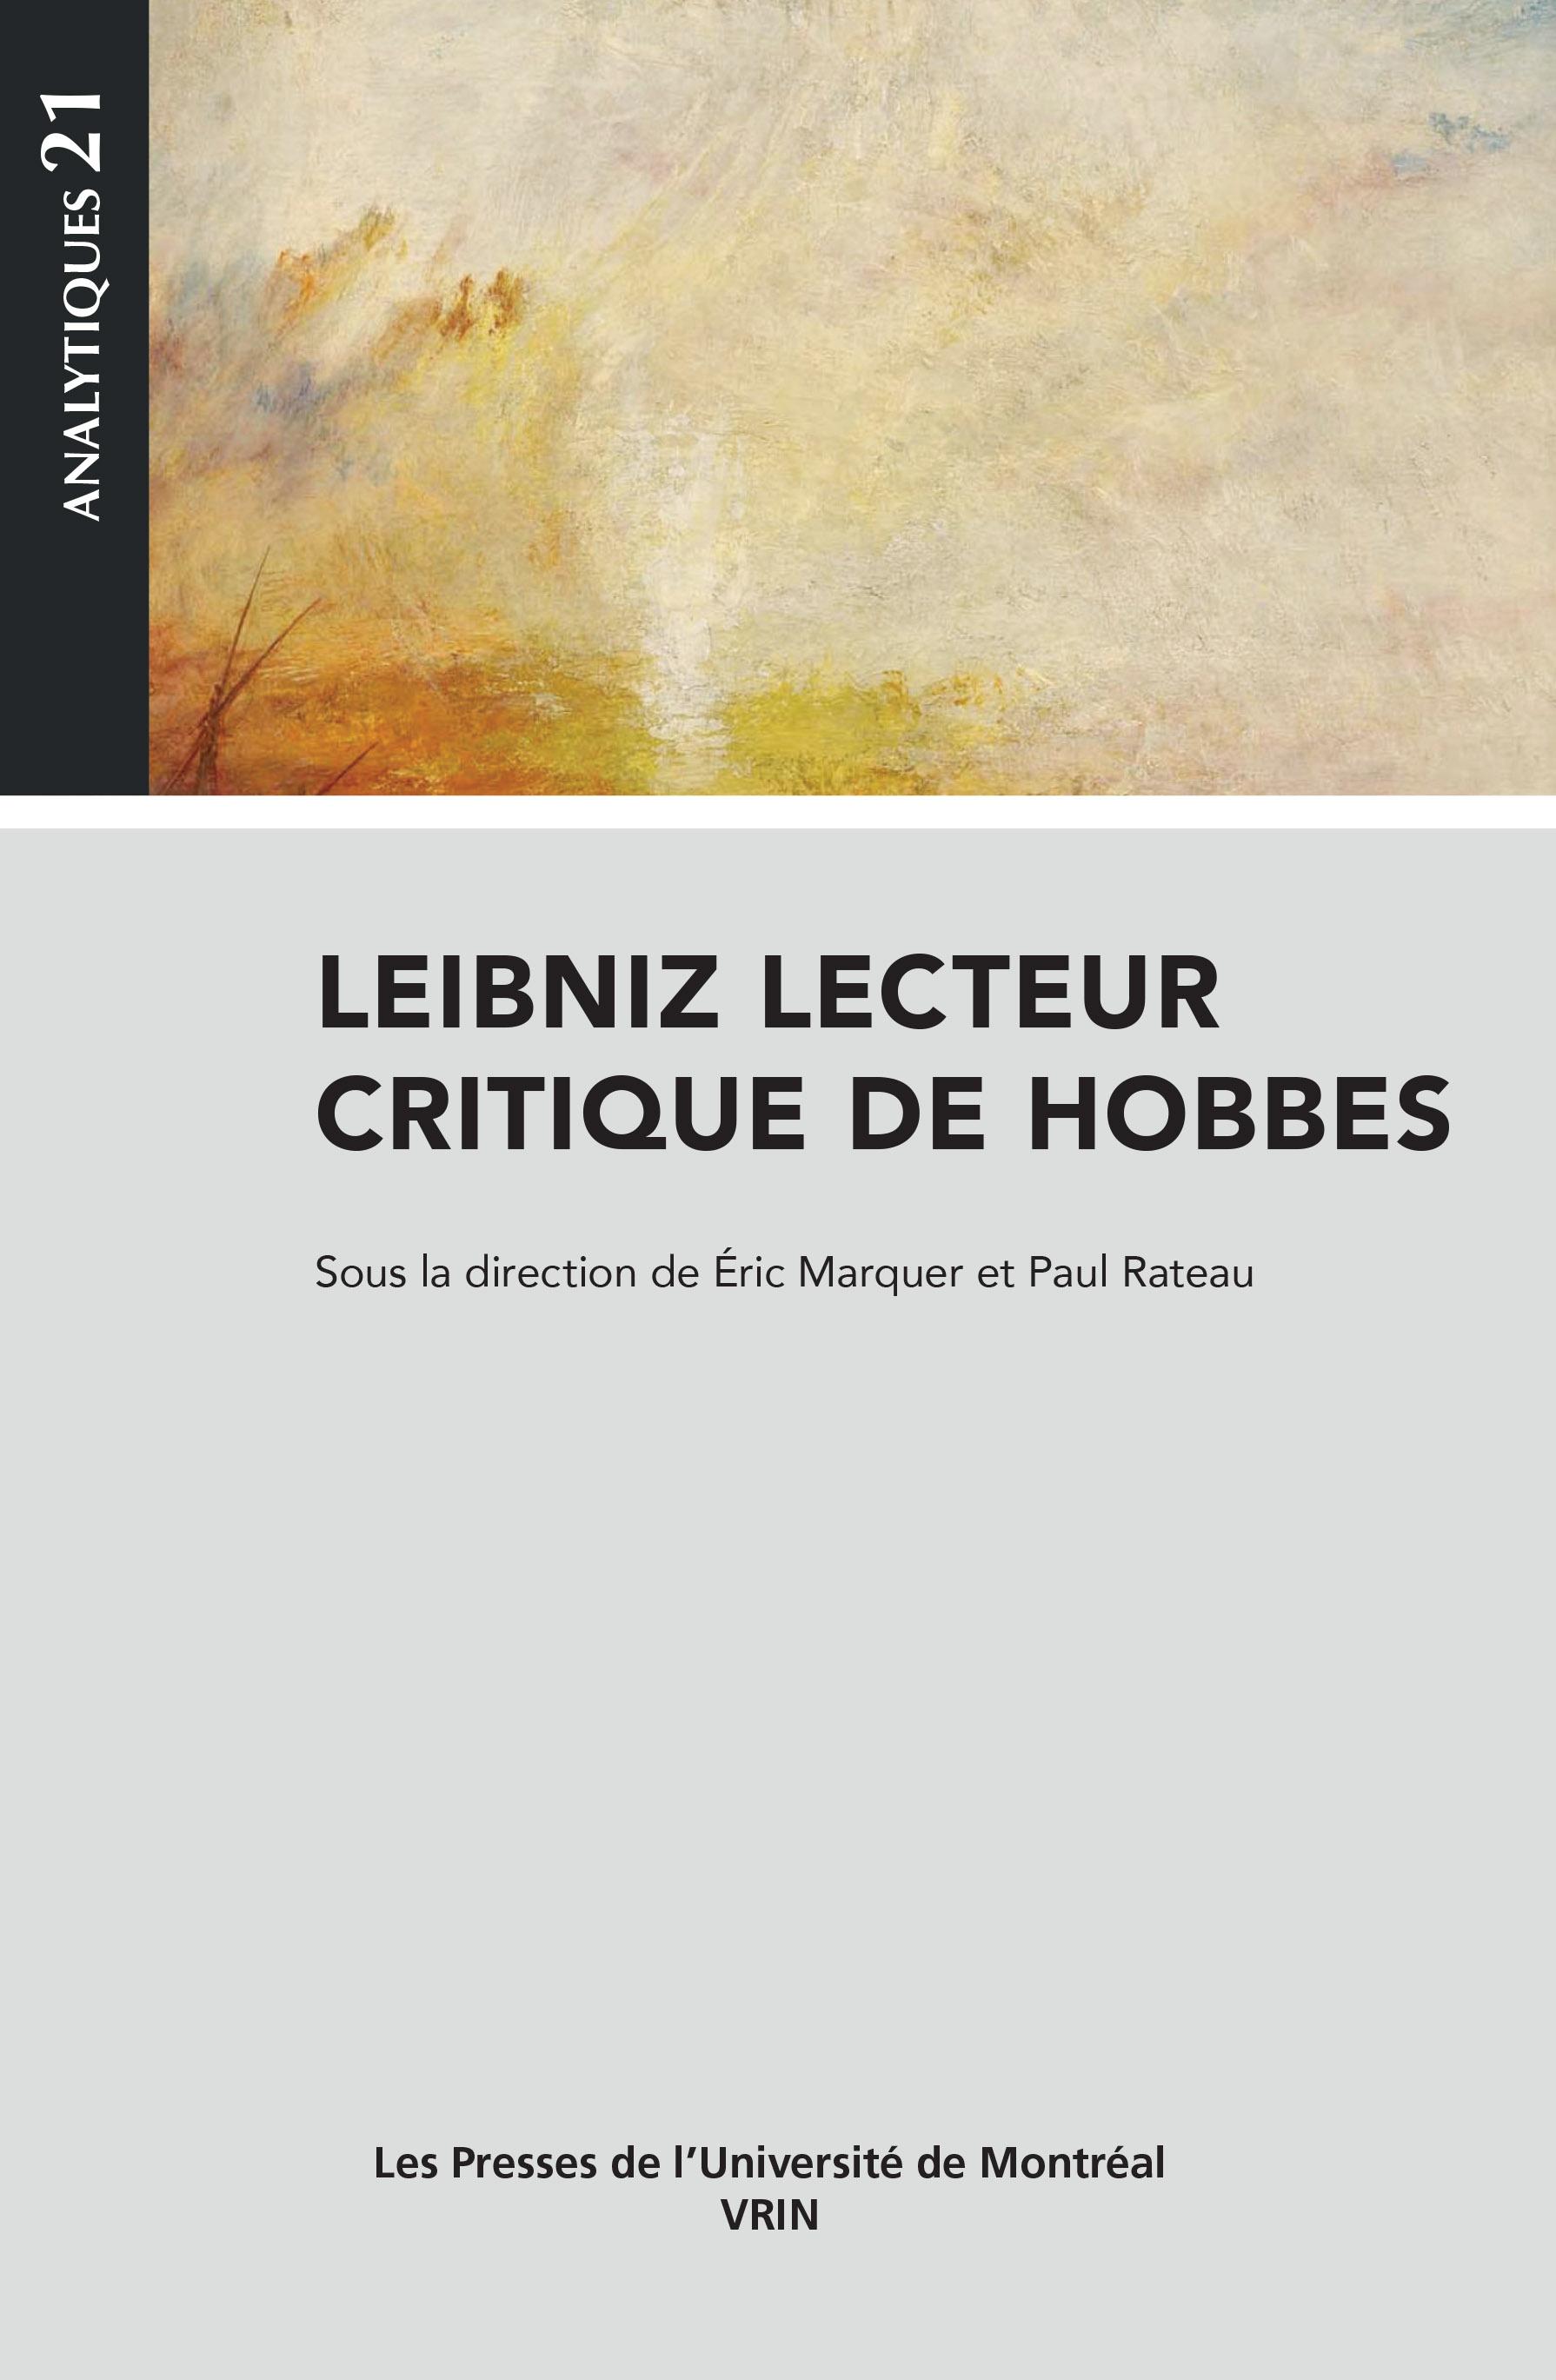 Leibniz lecteur critique de Hobbes